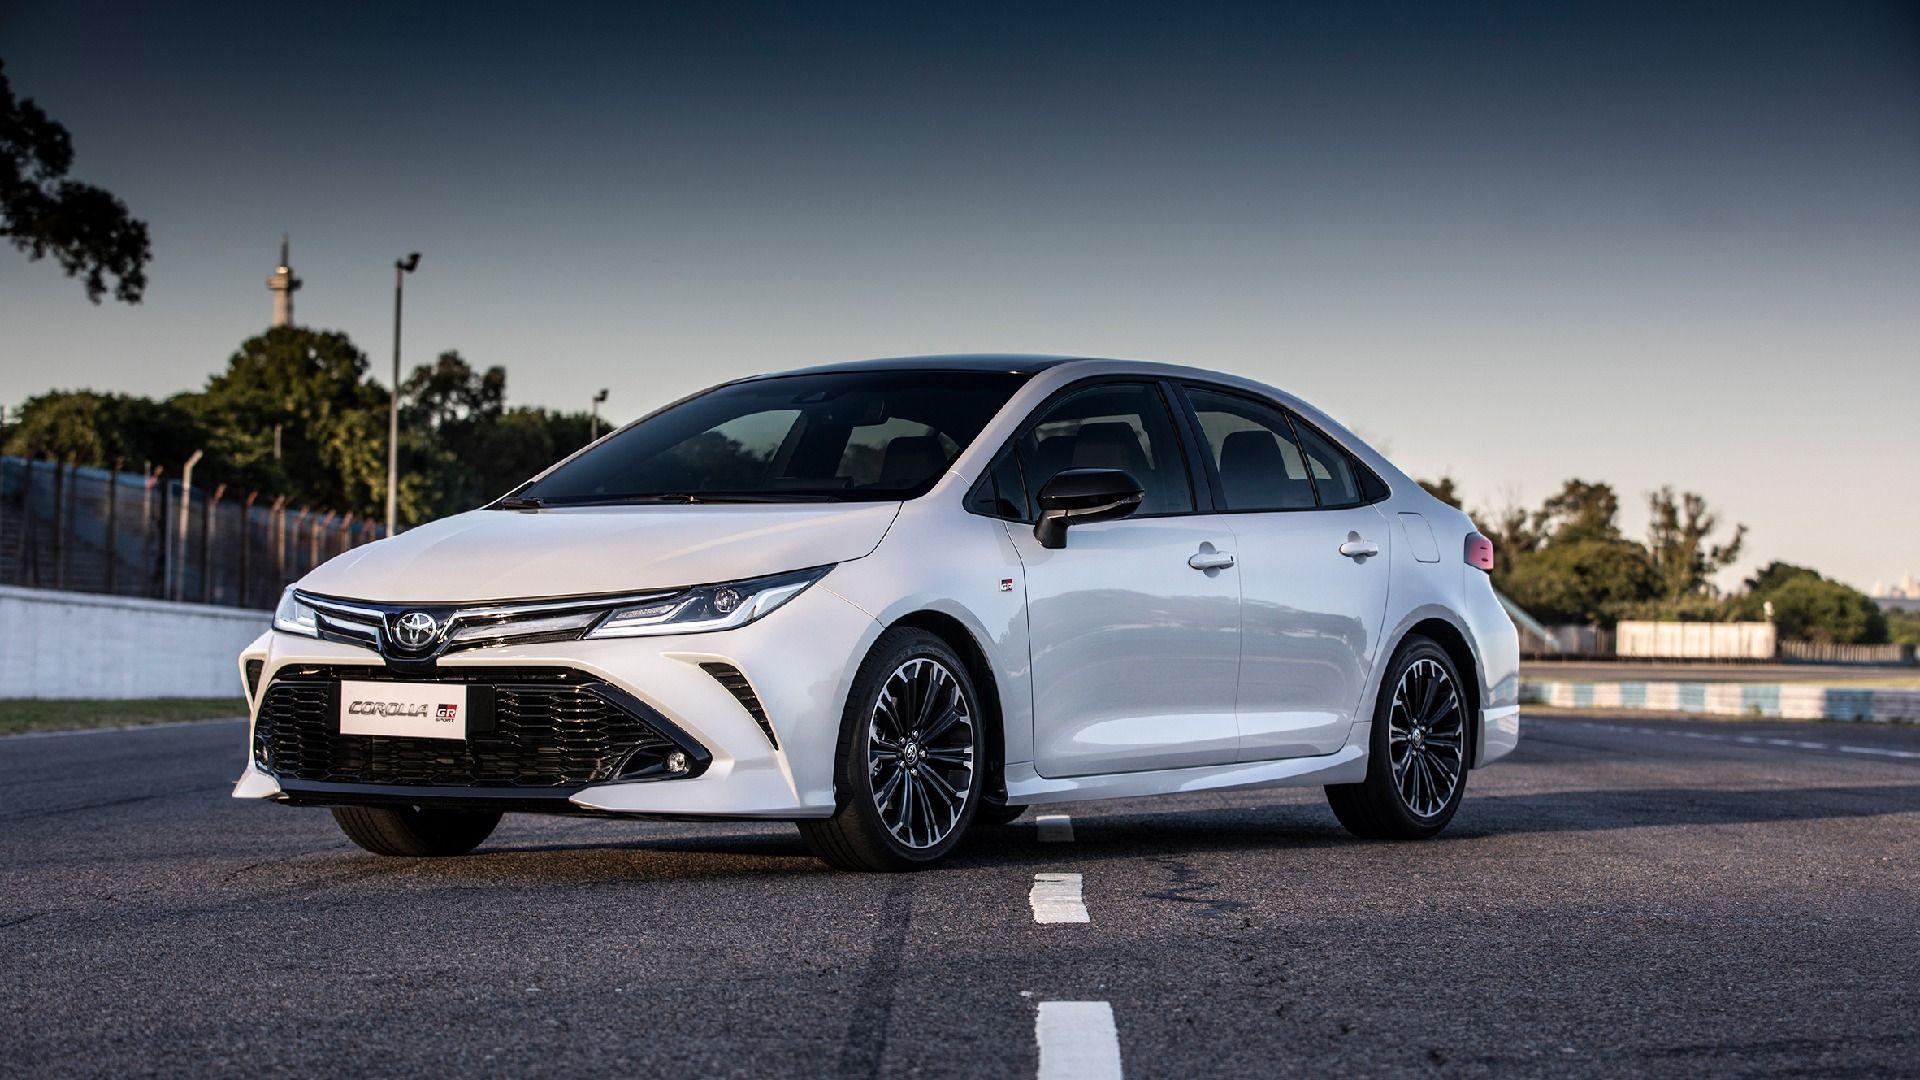 Toyota lanzó el nuevo Corolla GR-Sport en Argentina: precio y ficha técnica